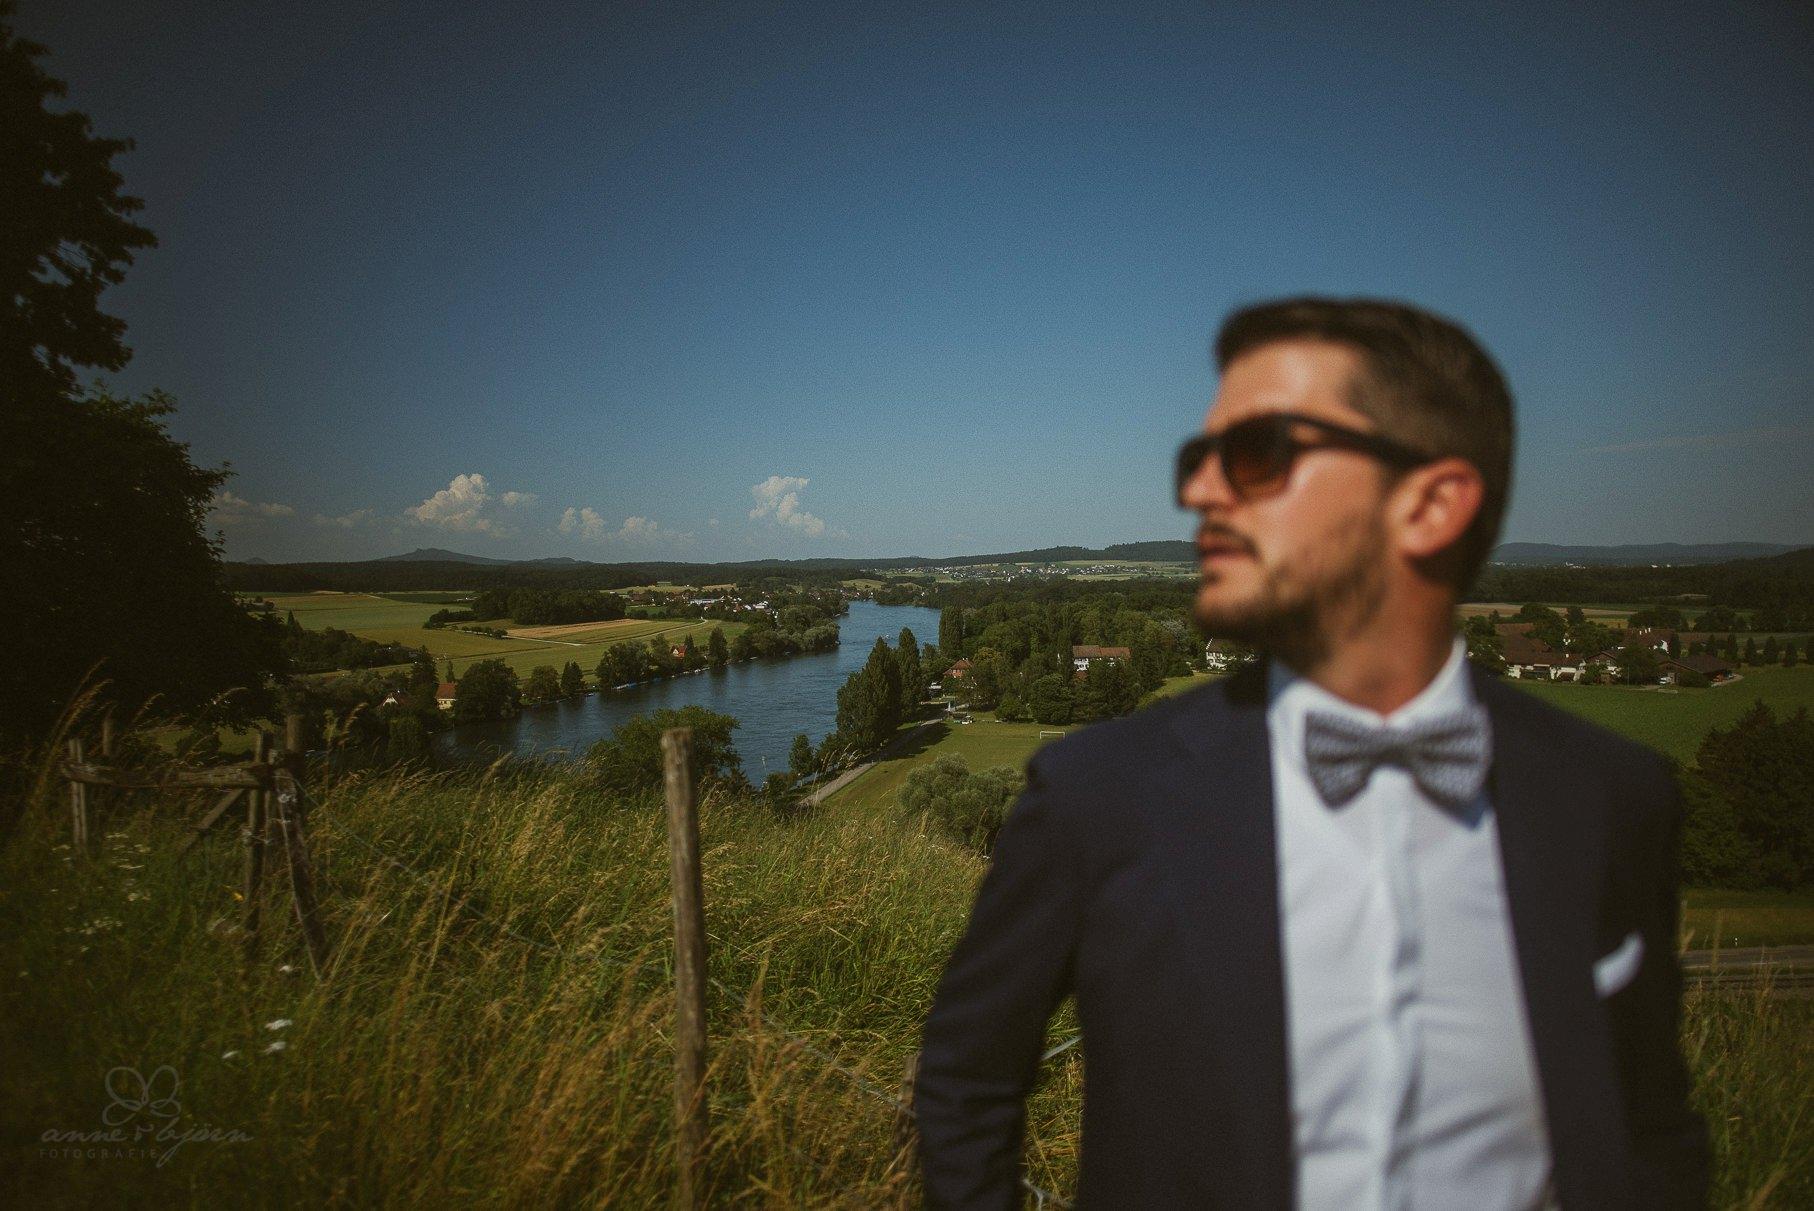 0091 anne und bjoern hochzeit schweiz 811 4423 - DIY Hochzeit in der Schweiz - Sabrina & Christoph